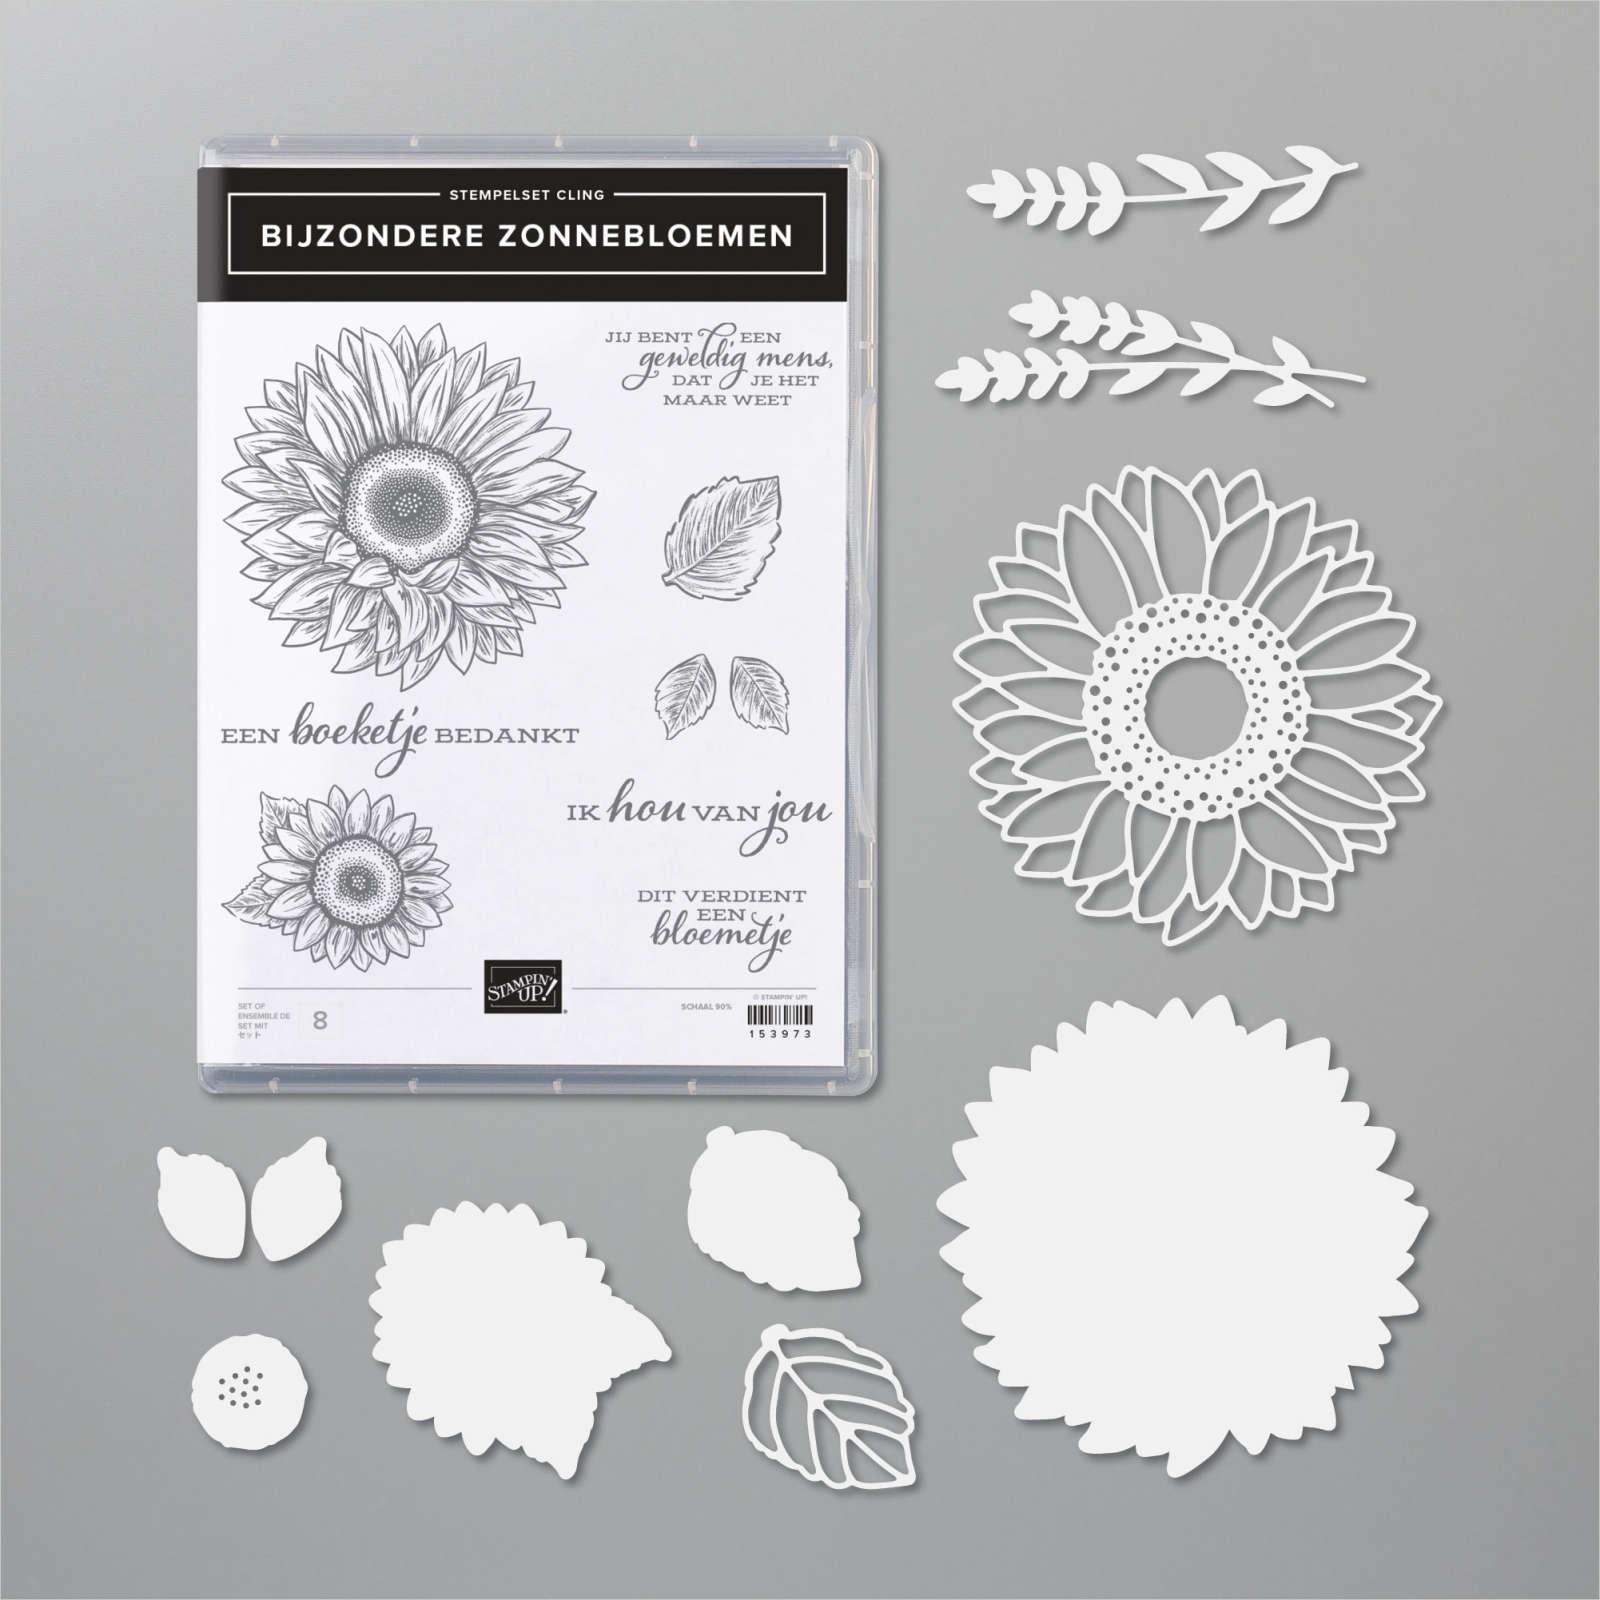 bijzondere zonnebloemen, productpakket, stampin up, celebrate sunflowers bundle, stampin treasure